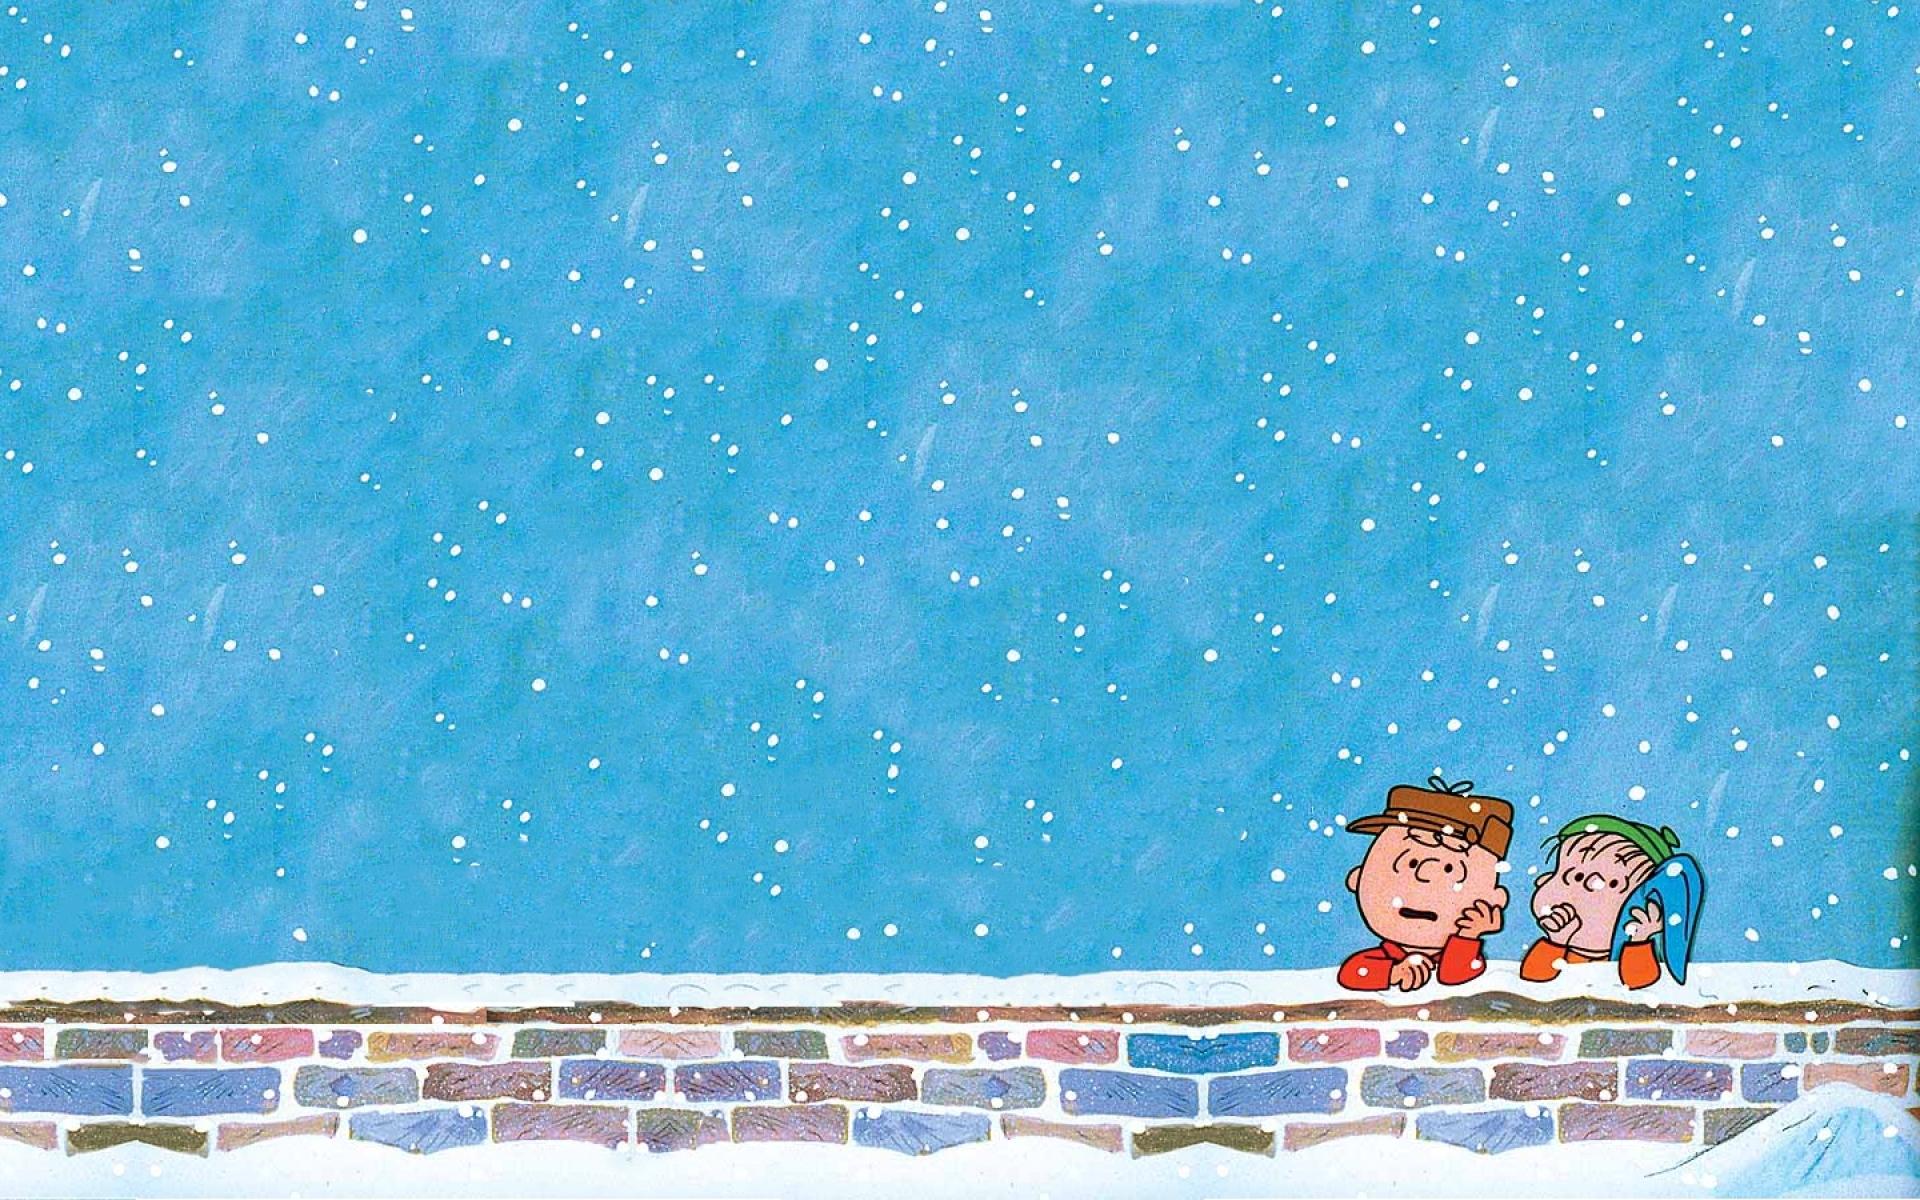 Peanuts Winter Wallpaper - WallpaperSafari